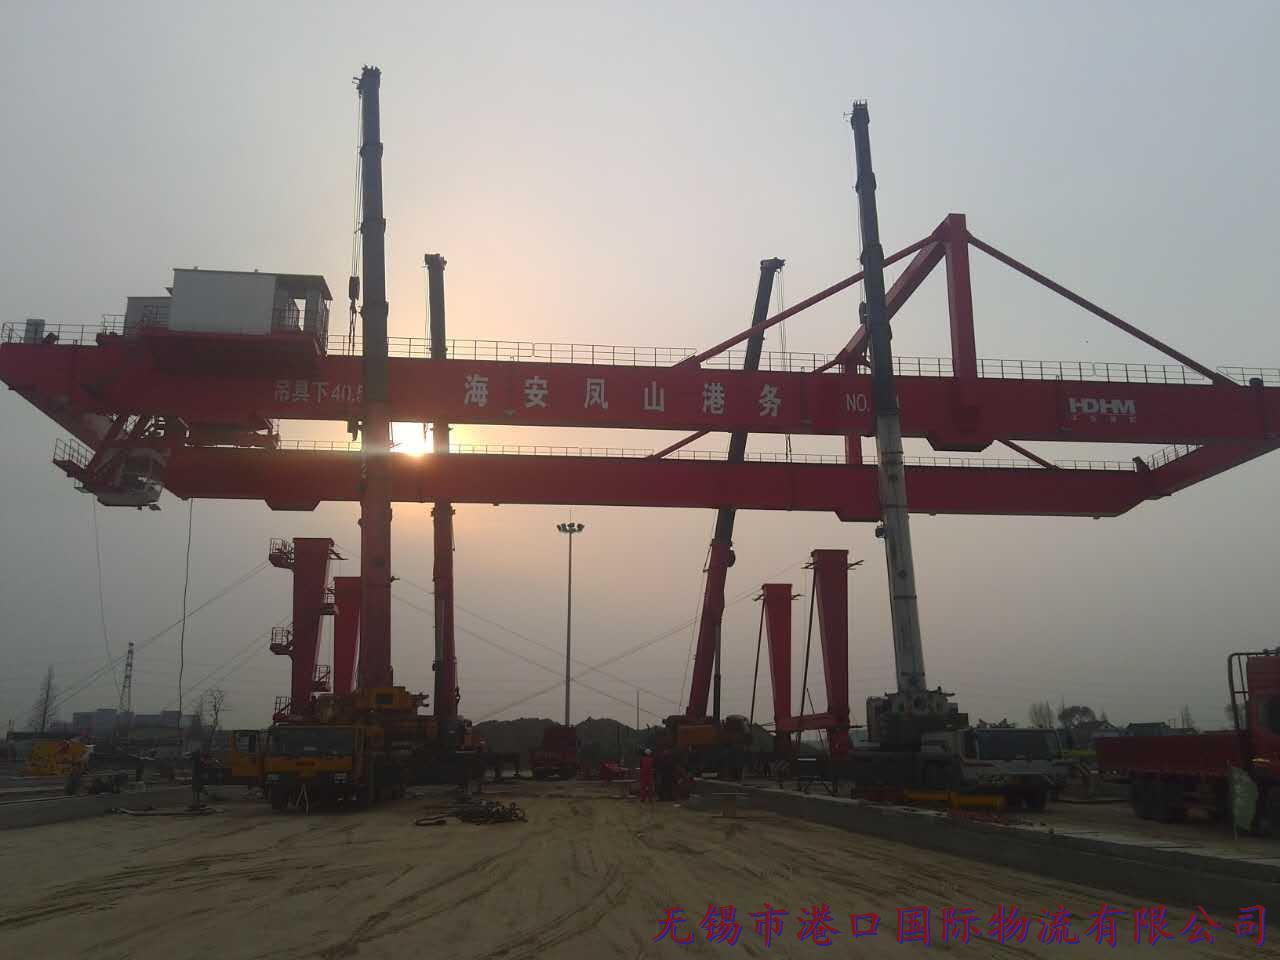 港口国际物流起重设备运输安装